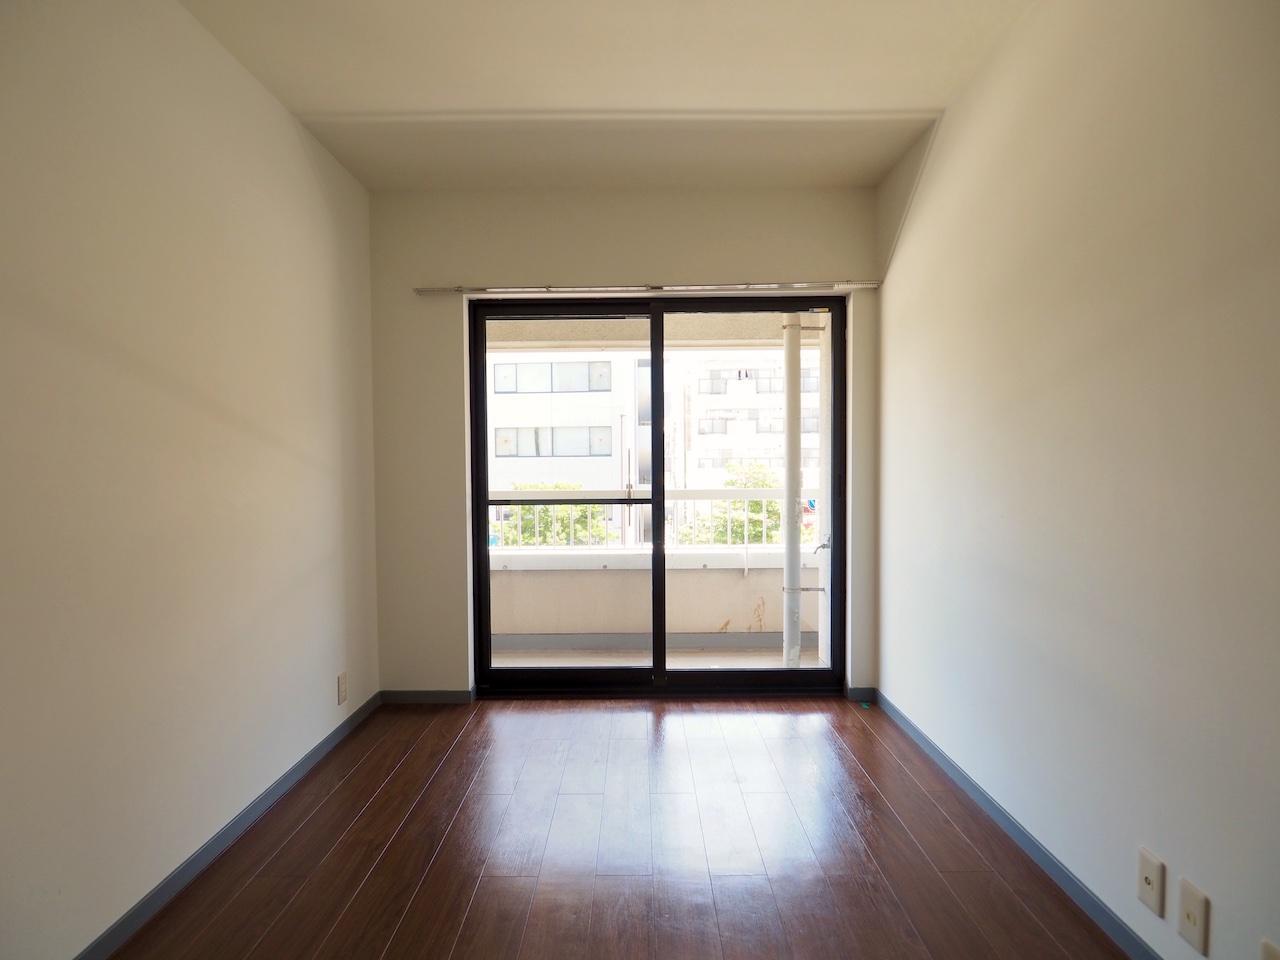 こちらはリビングの奥の部屋。